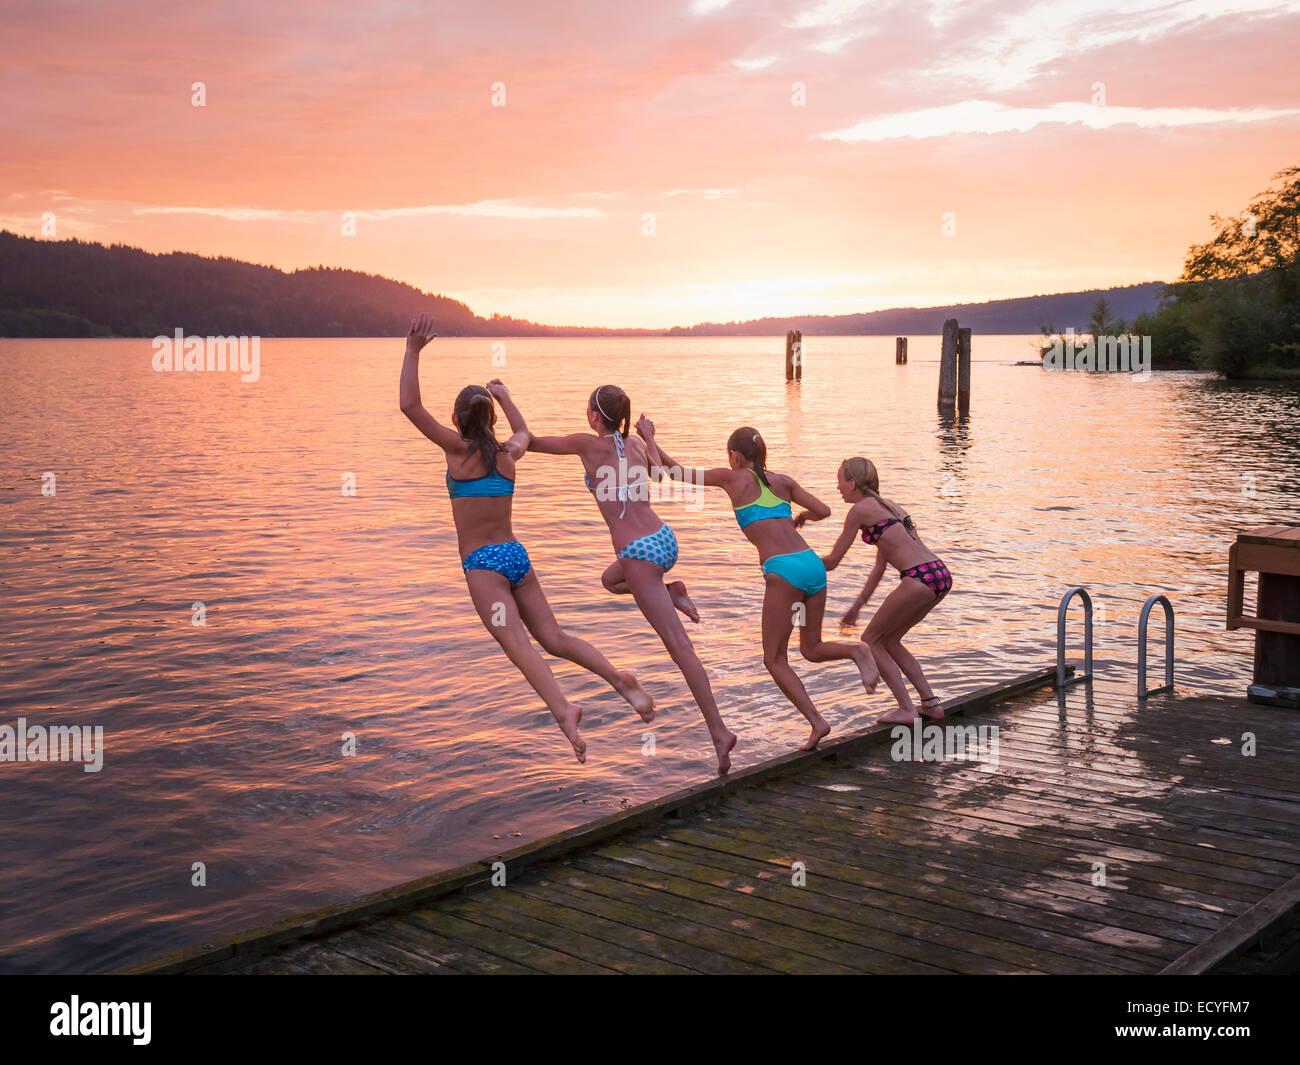 Mädchen aus hölzernen Dock in See springen Stockfoto